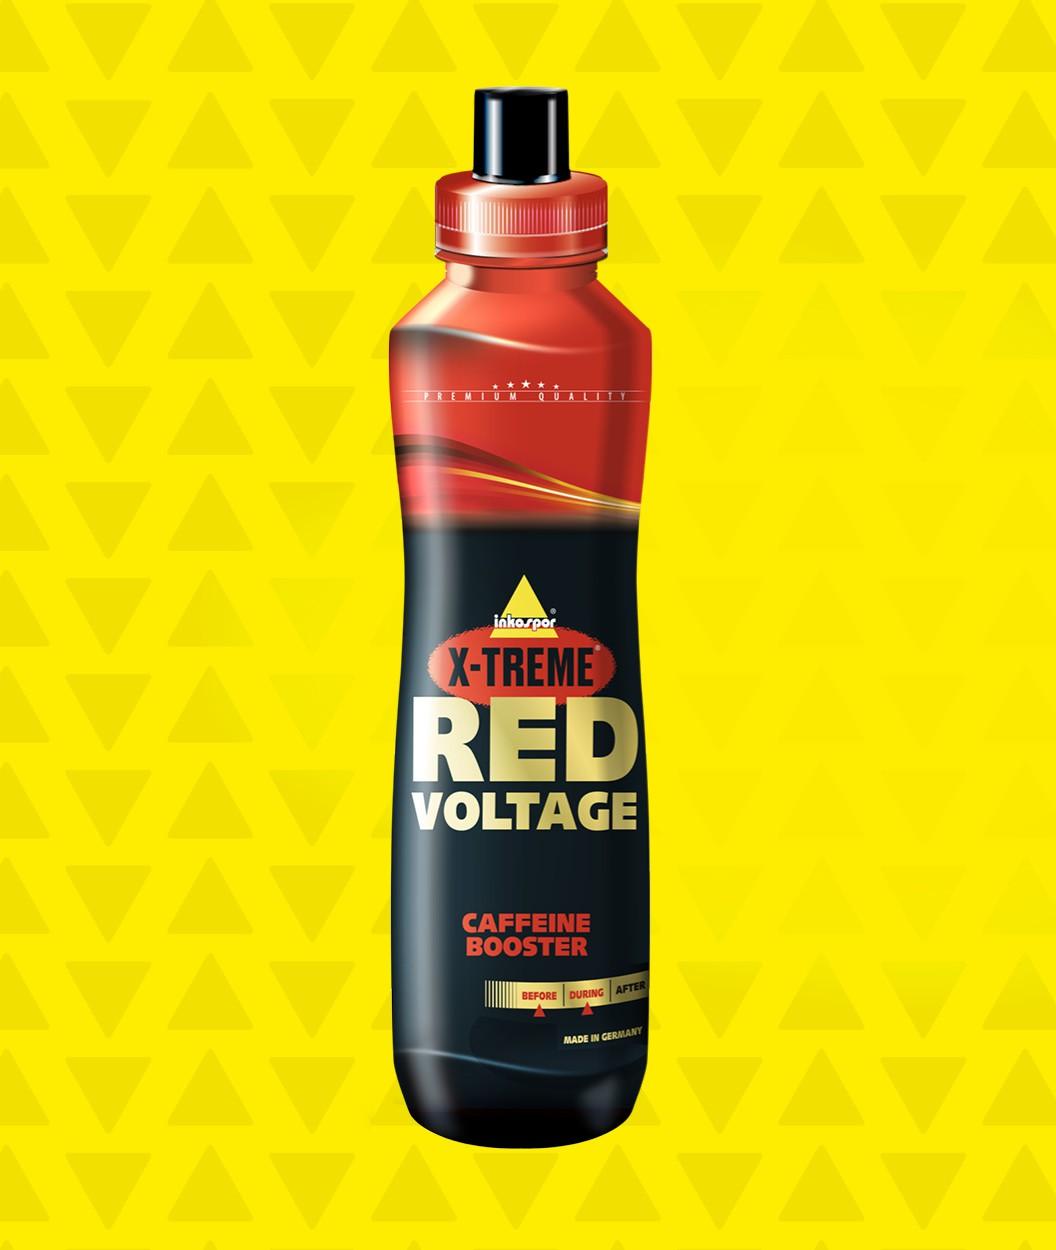 red-voltage